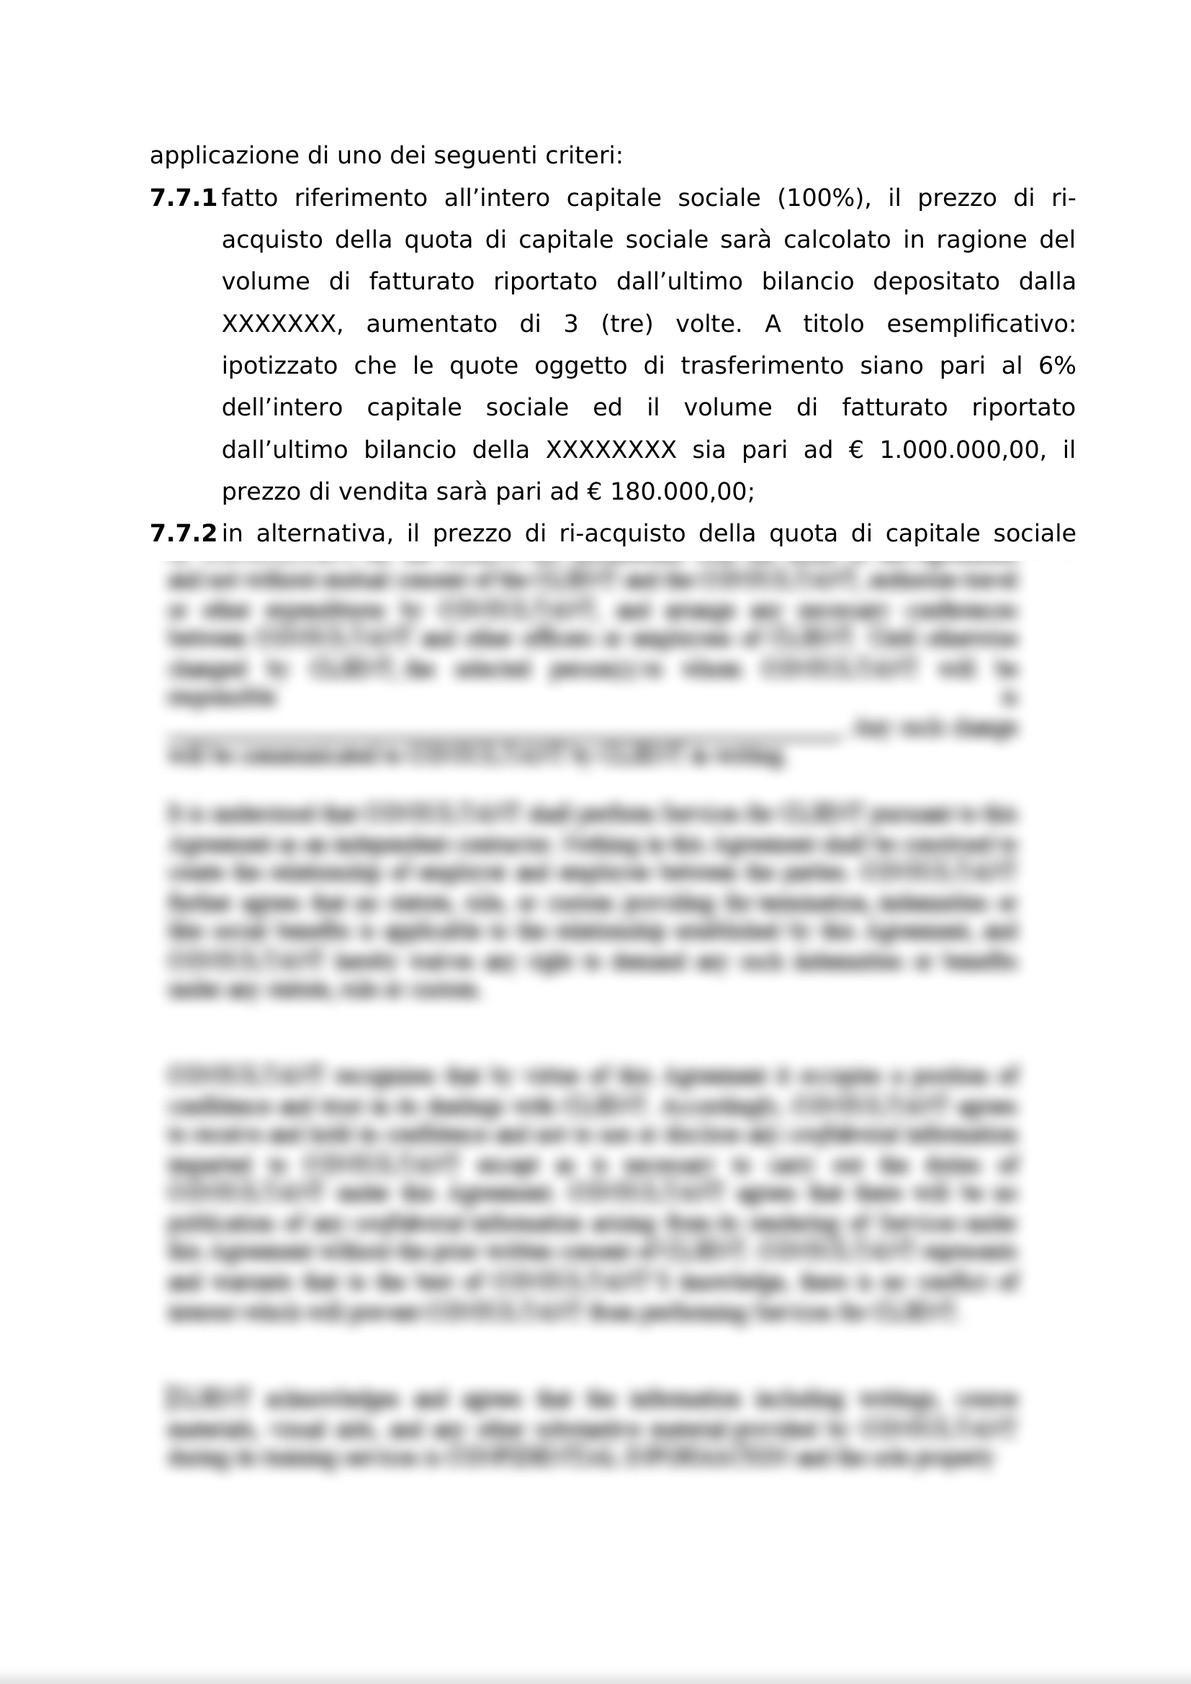 ACCORDO PER L'ATTRIBUZIONE DI DIRITTI DI OPZIONE DI ACQUISTO-9